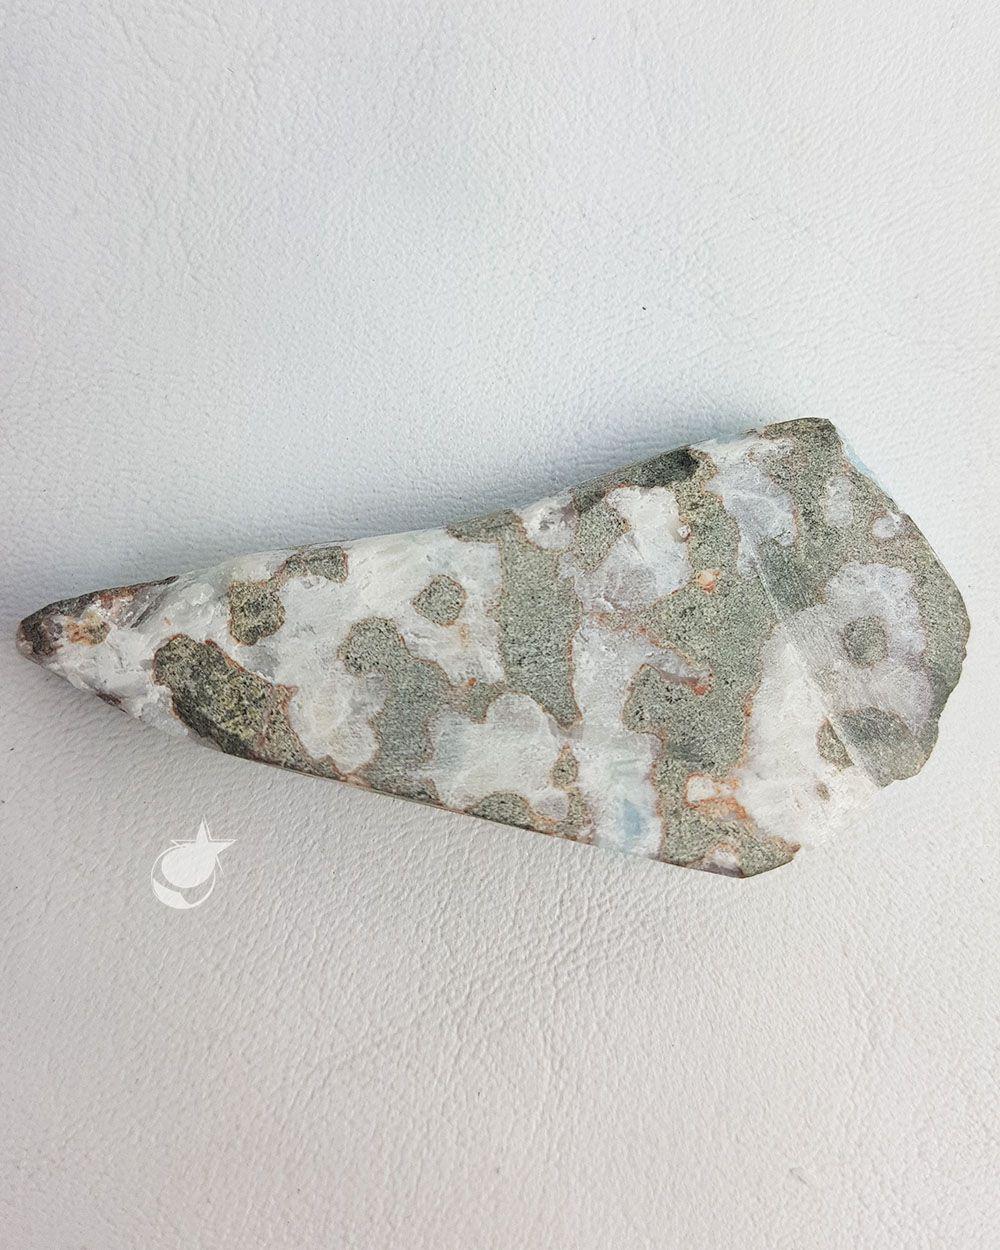 LARIMAR BRUTA - 6,4 cm